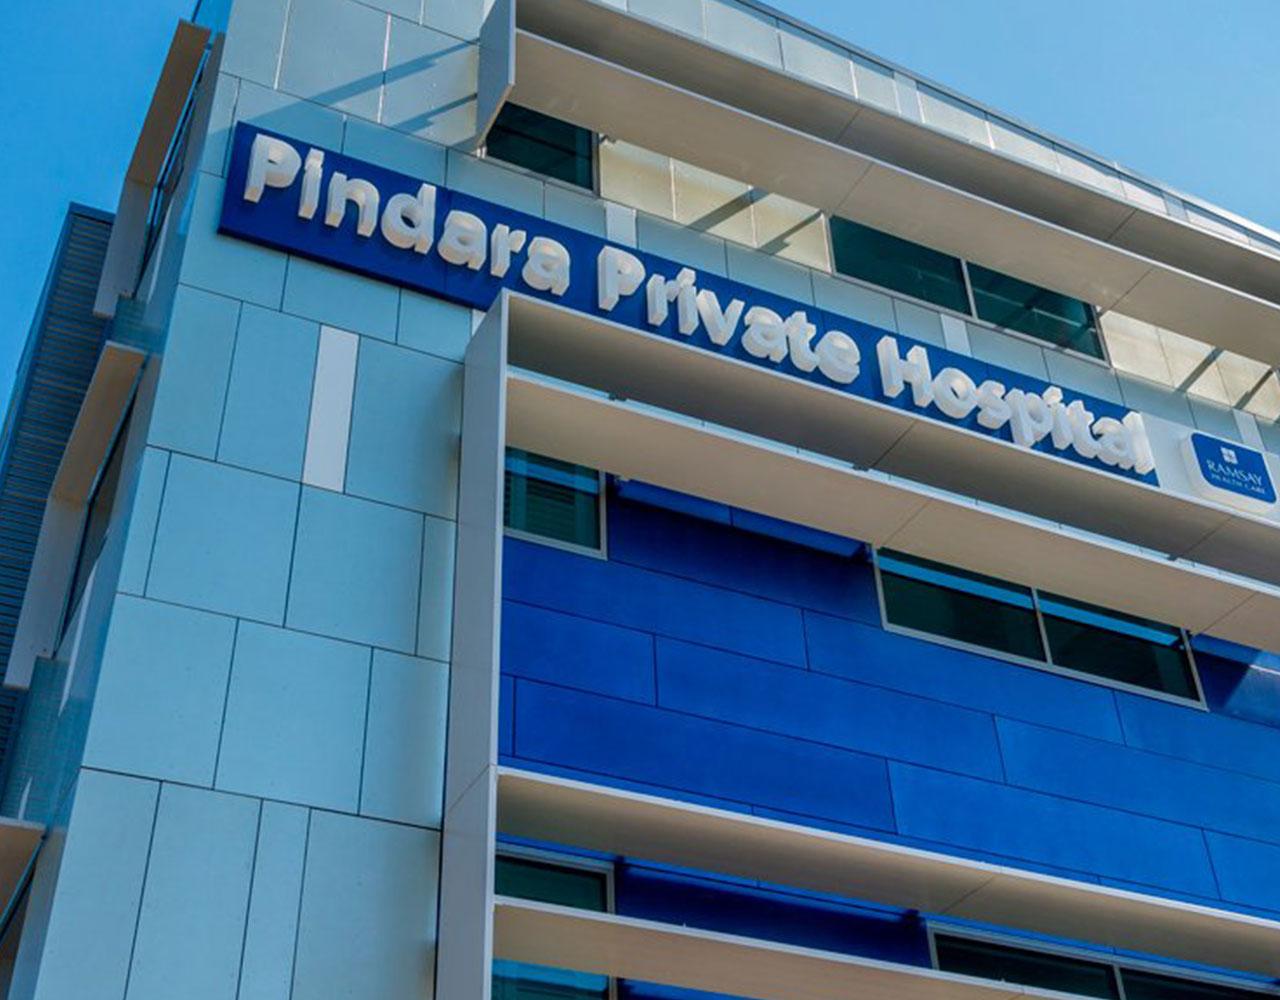 Pindara Private Hospital